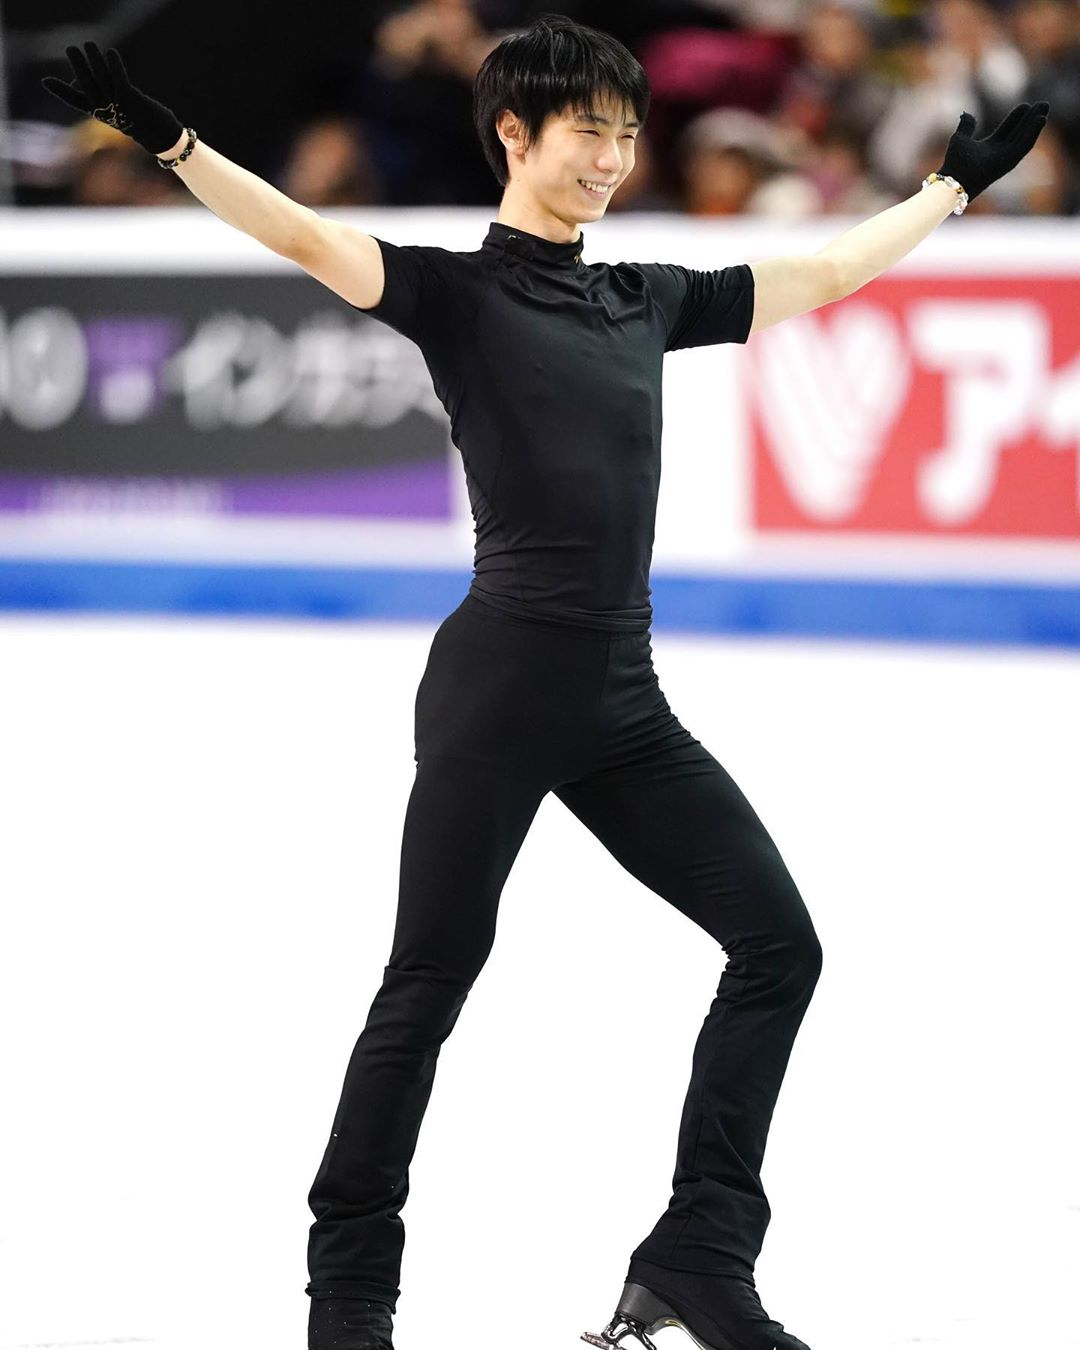 yuzuru hanyu sci2019 practice 4 e fs